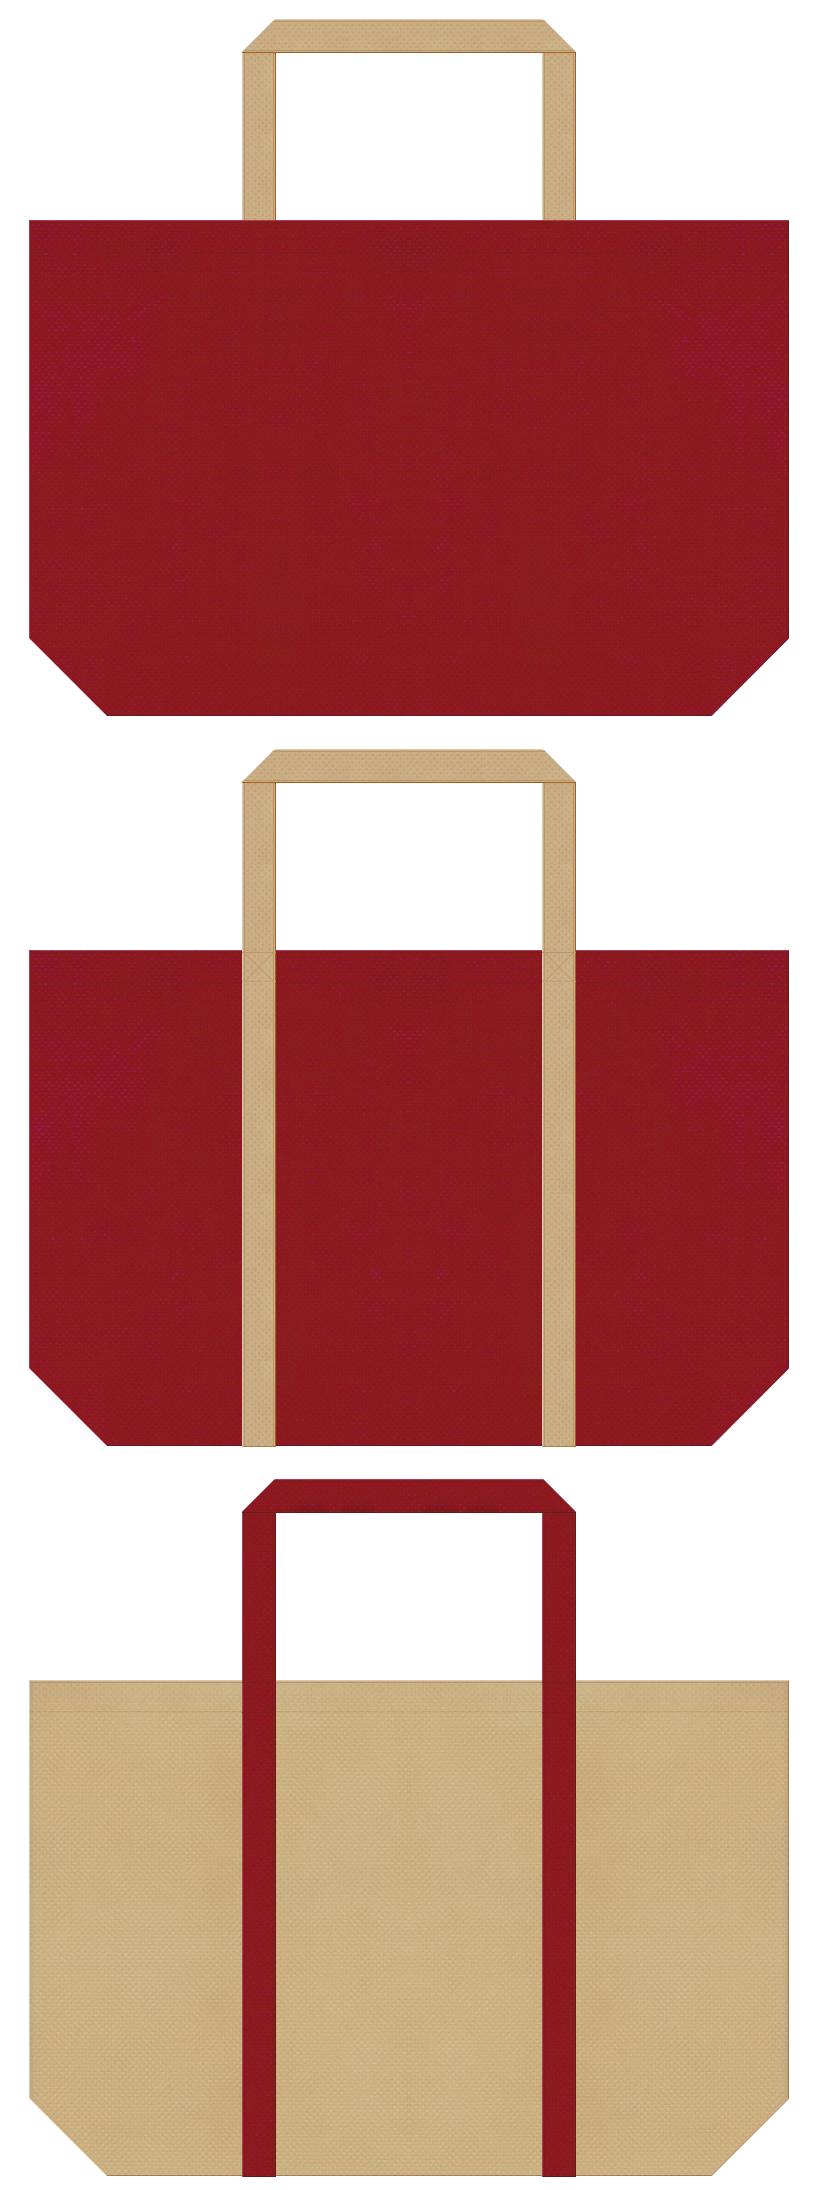 能・浄瑠璃・寄席・伝統芸能・邦楽・舞台・演芸場・和風催事・観光土産・カジュアル・アウトレットにお奨め:エンジ色とカーキ色の不織布ショッピングバッグのデザイン